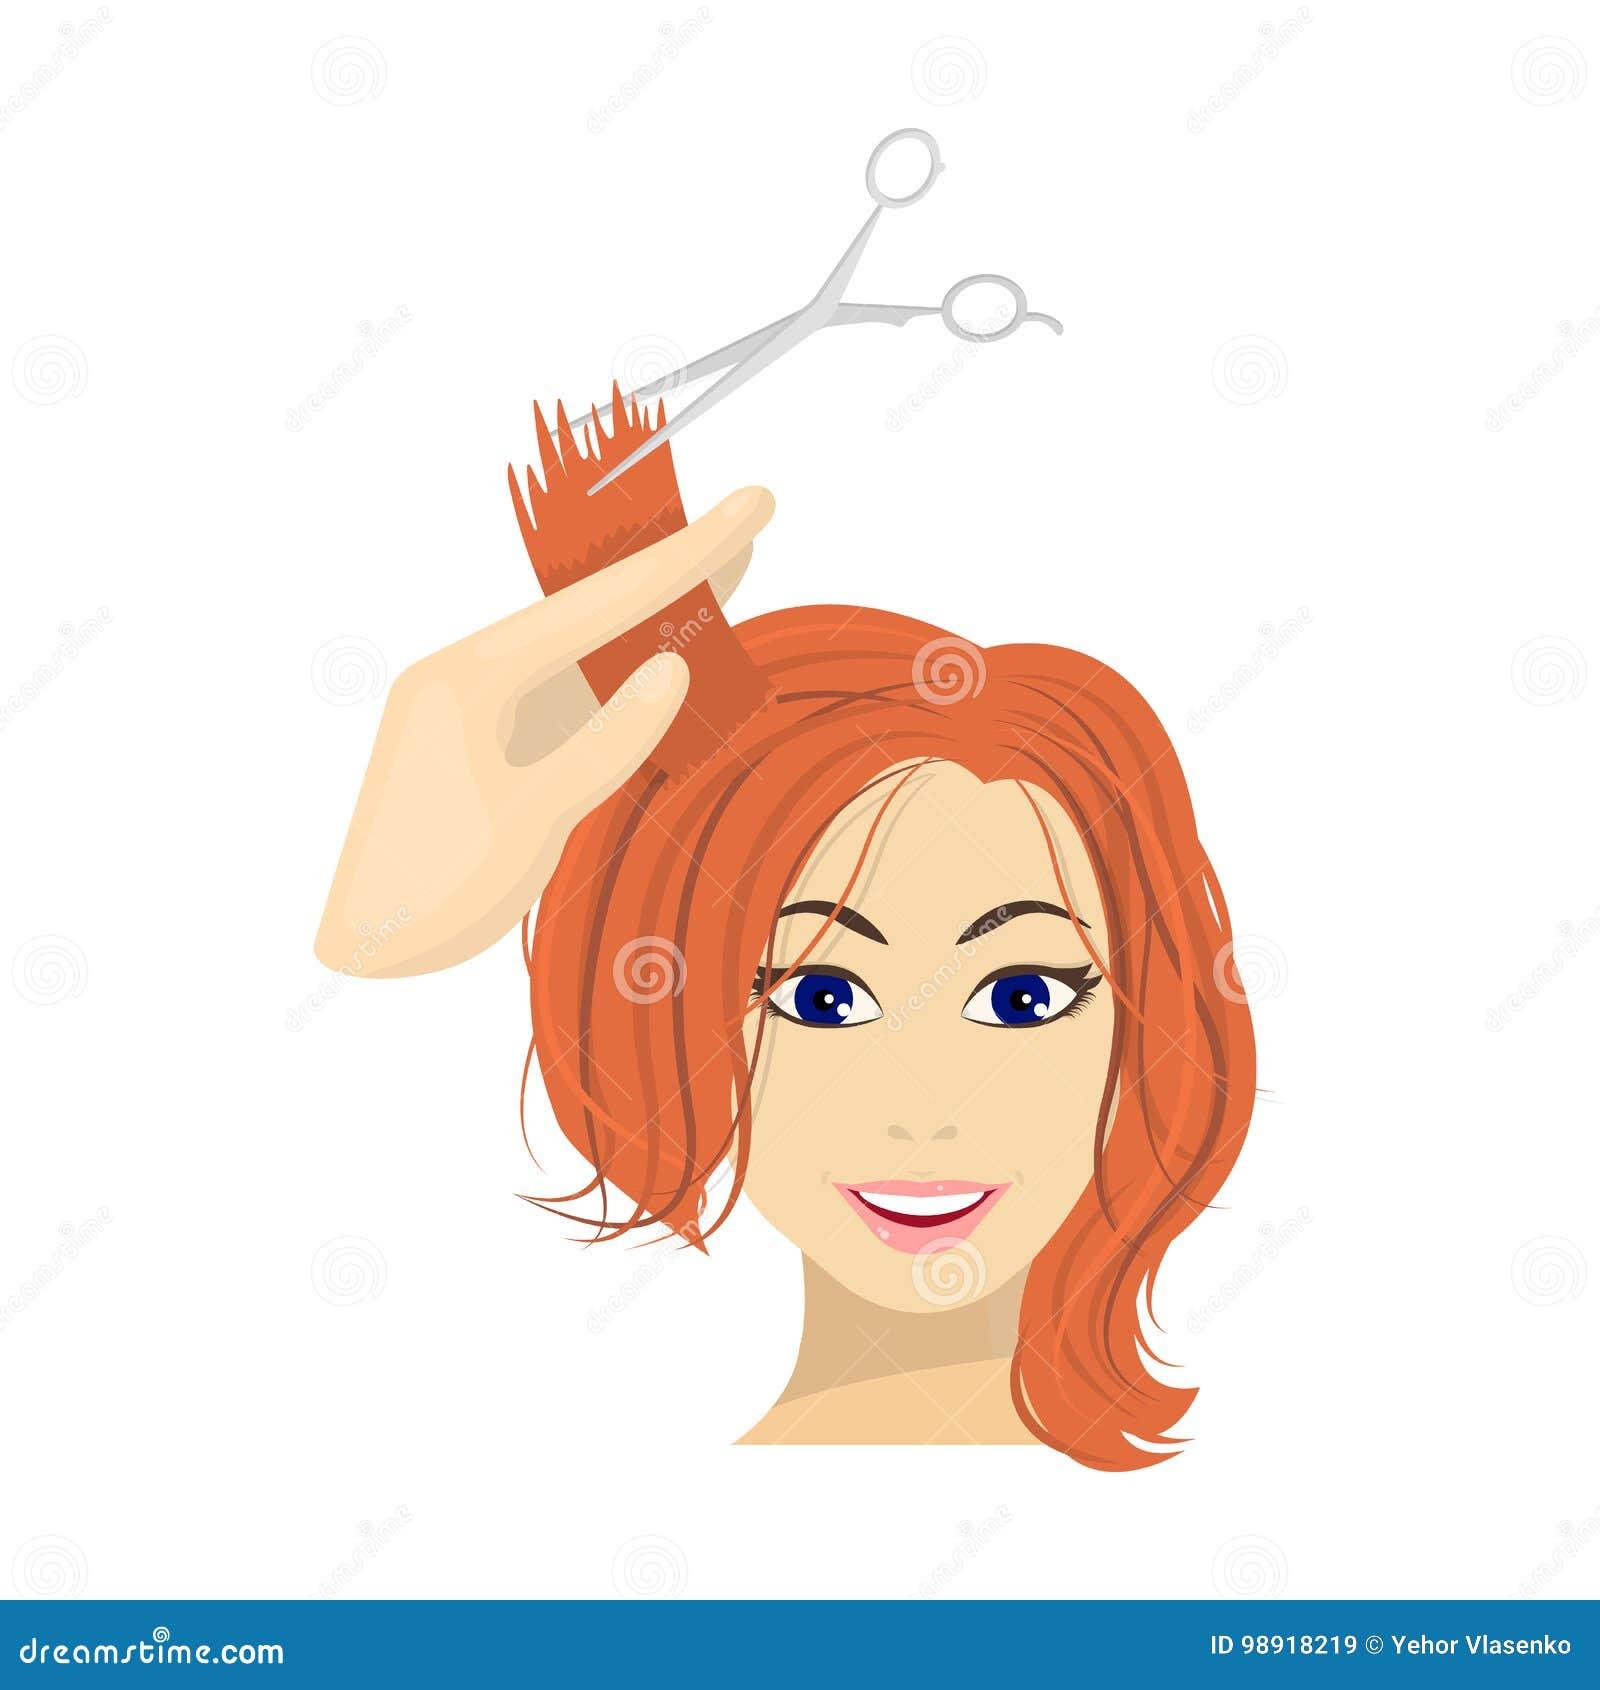 Hair Cutting Scissors Cartoon 38